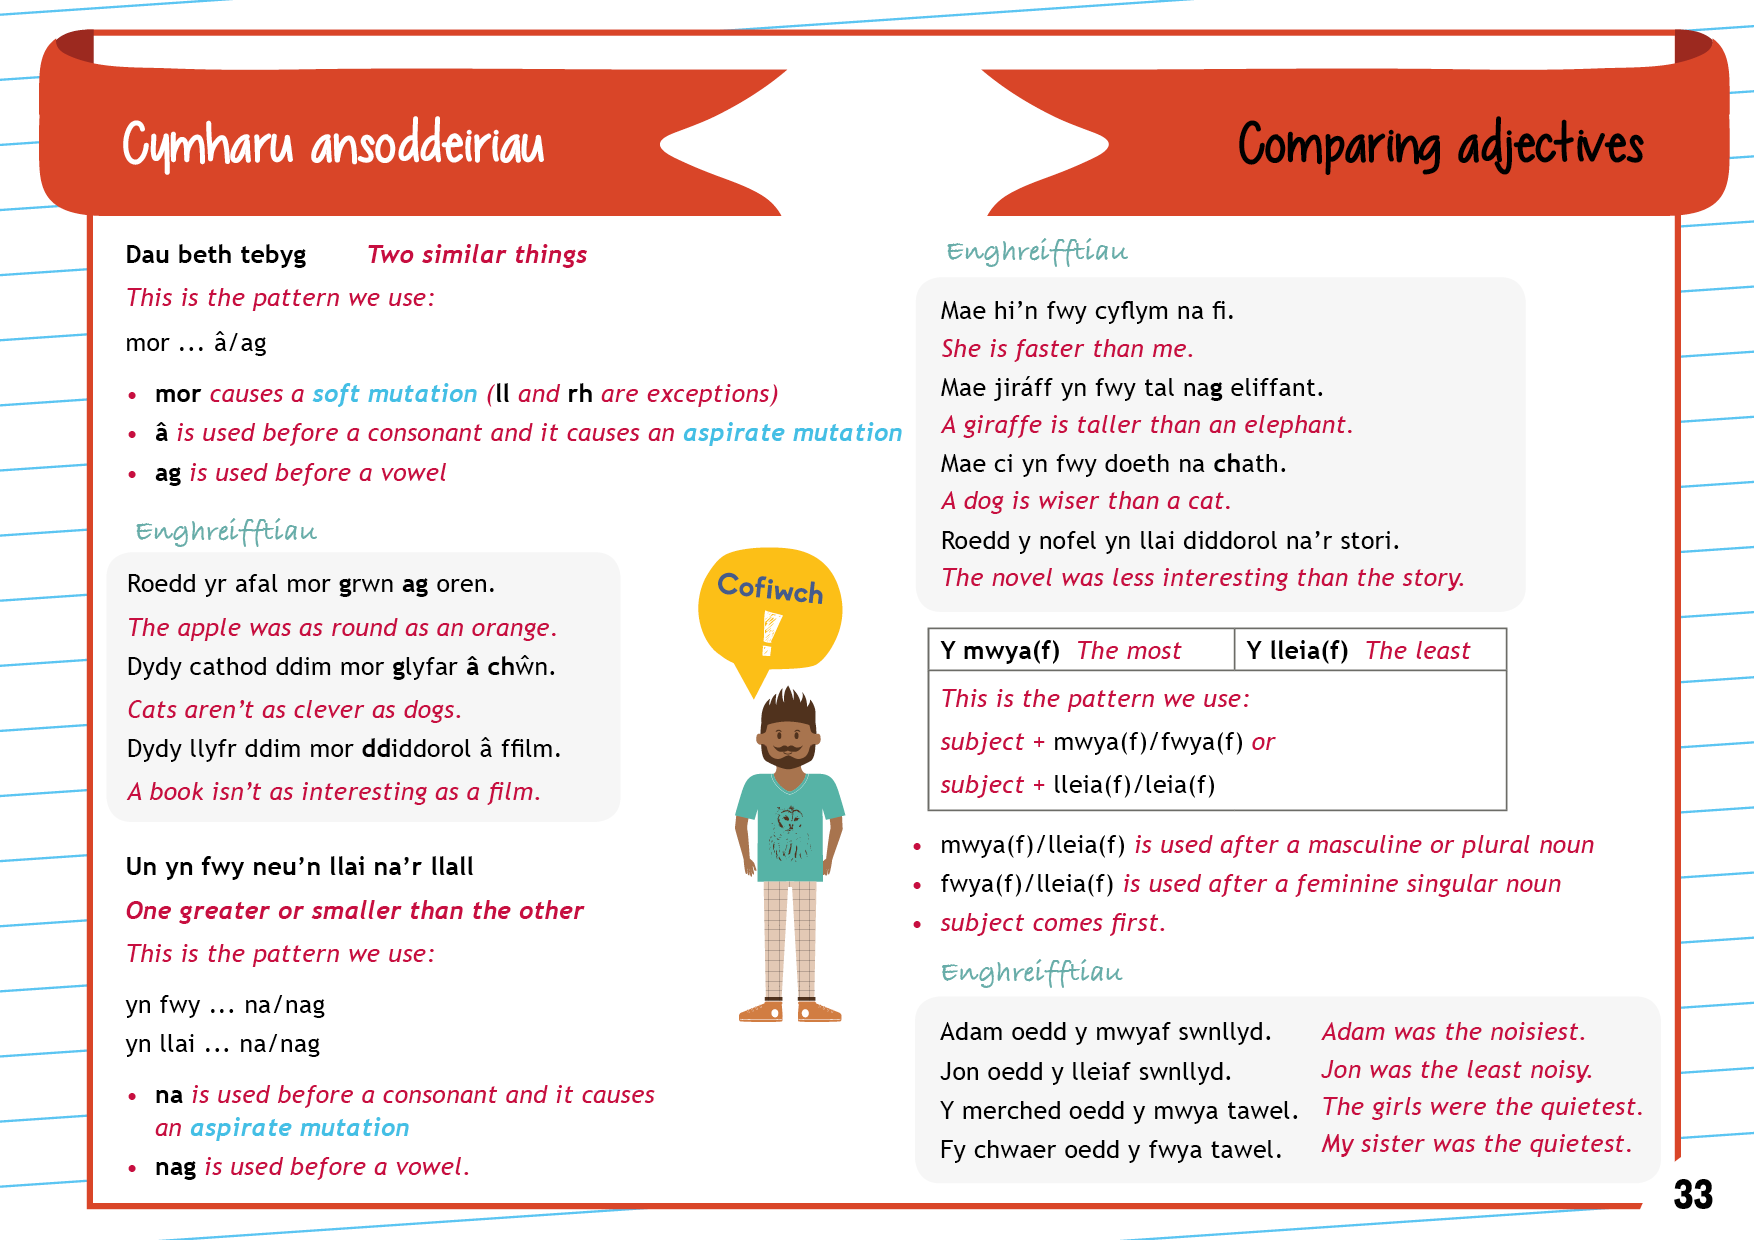 Cymharu ansoddeiriau | Comparing adjectives